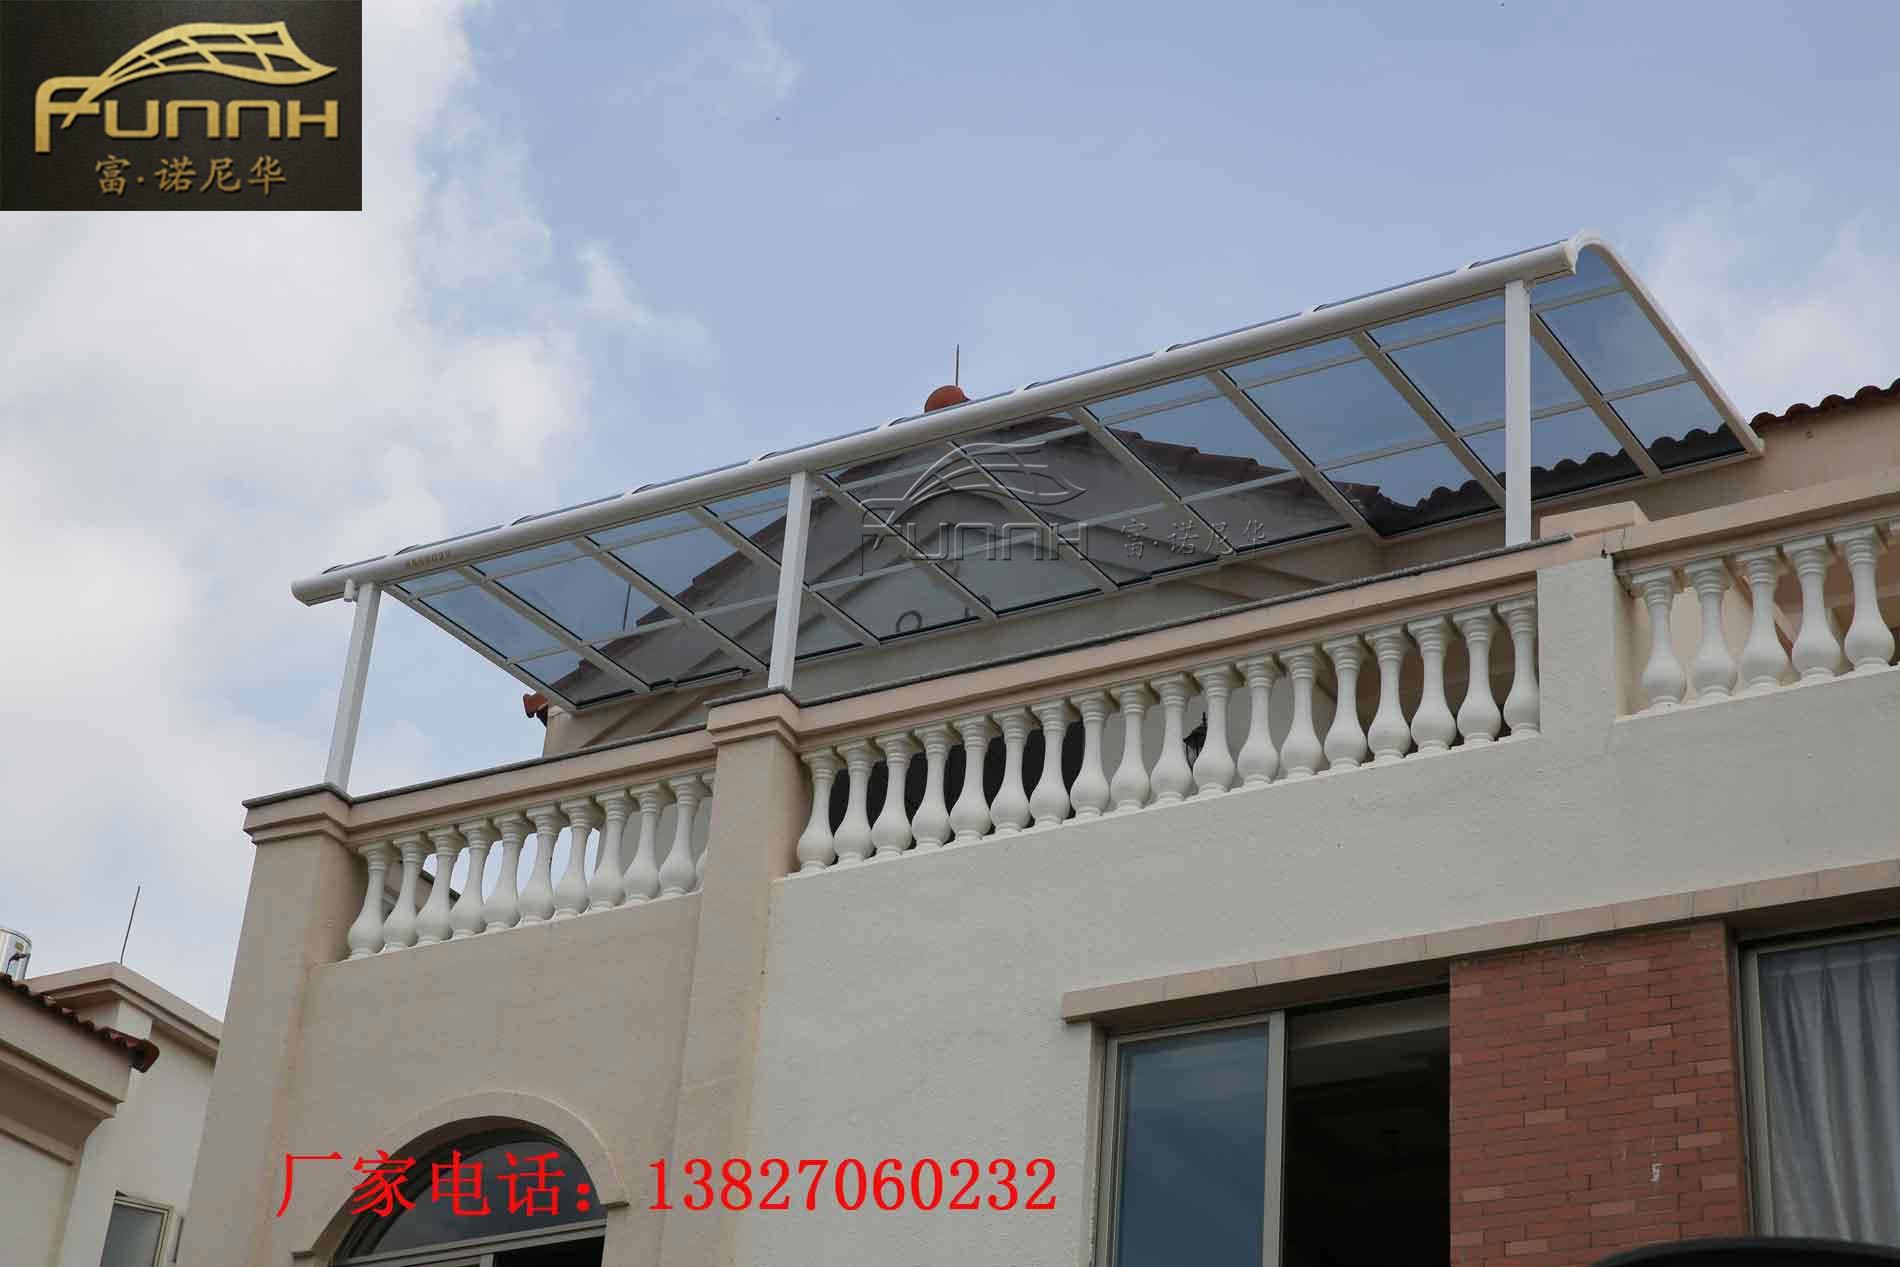 户外家用铝合金窗户遮阳棚挡雨棚 别墅阳台防雨棚耐力板遮阳棚